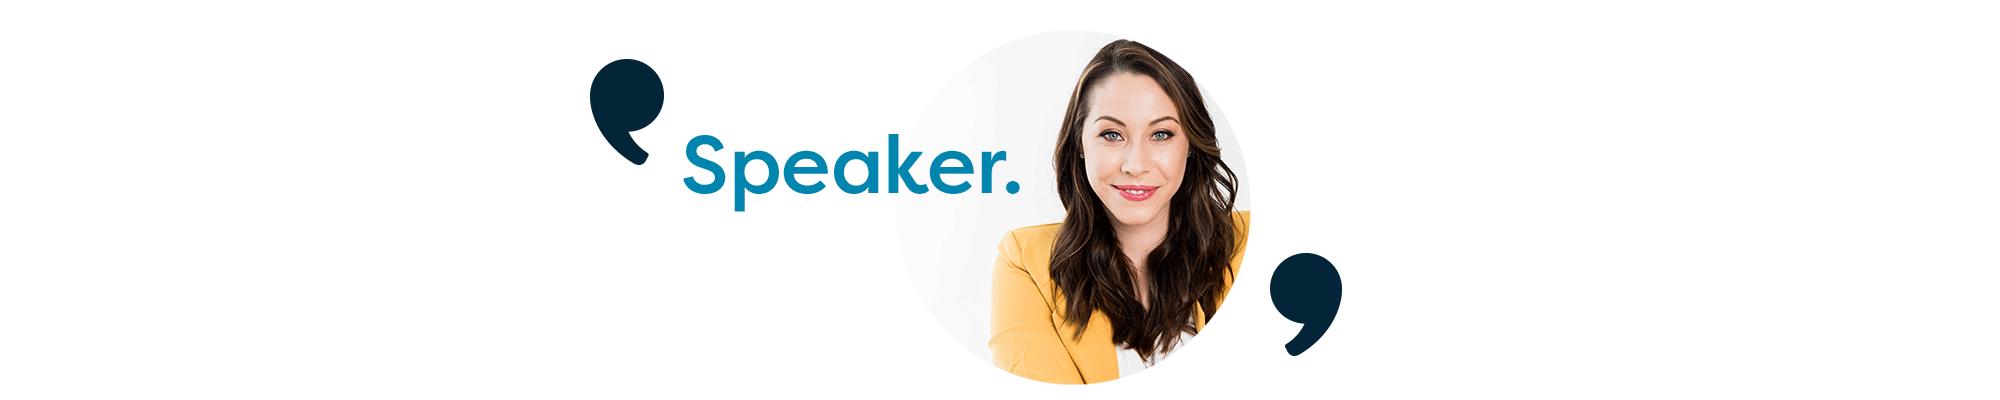 janine-marin-speaker-government-socialmedia